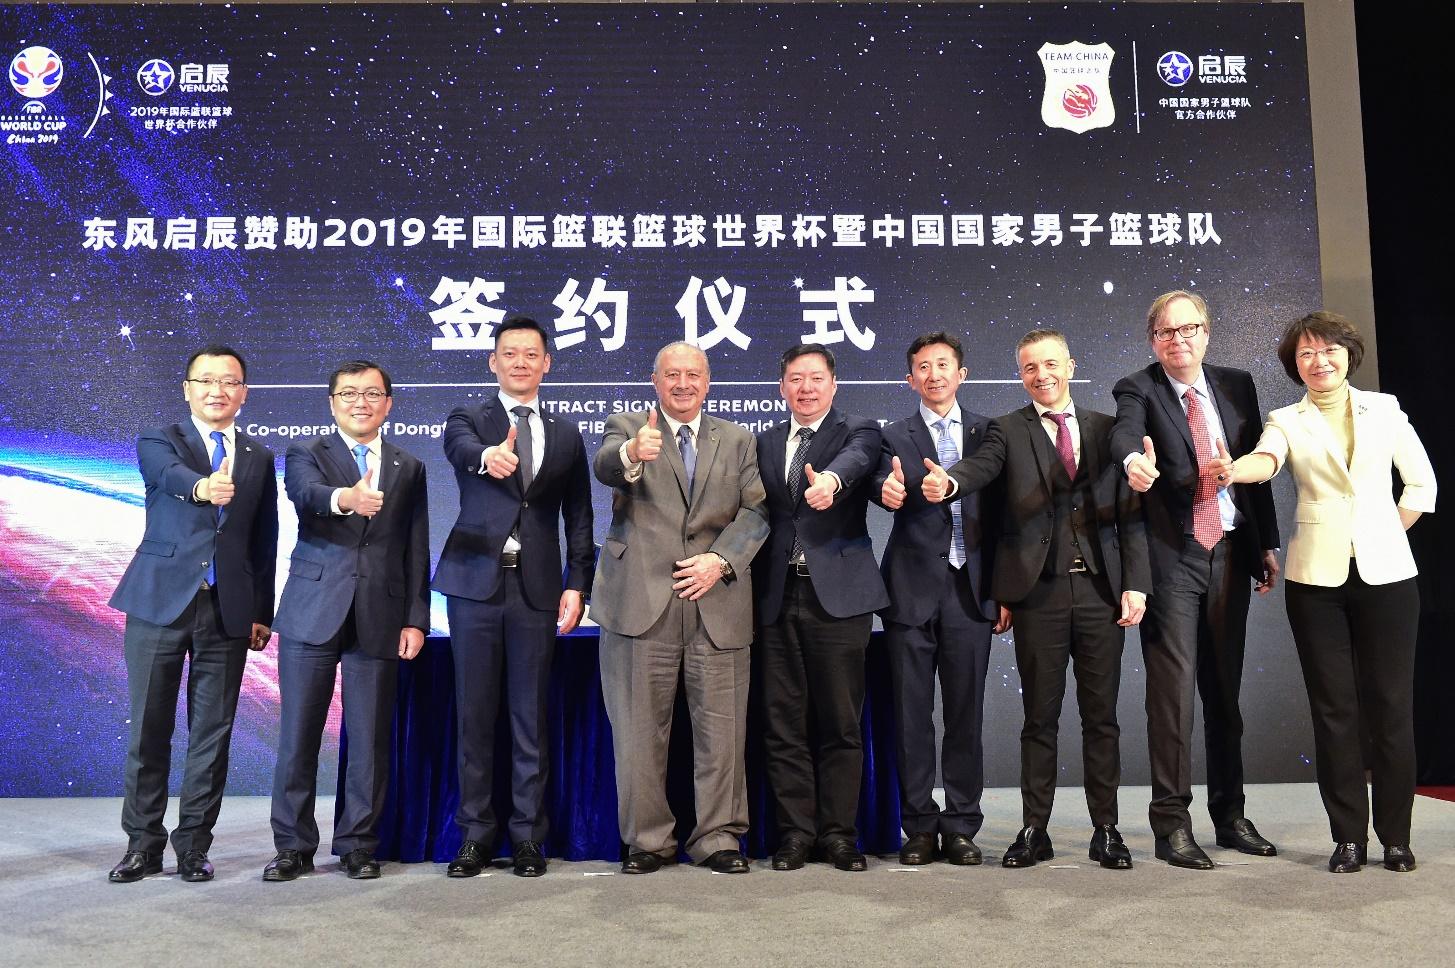 东风启辰赞助2019年FIBA篮球世界杯及中国男篮,签约仪式在深圳举行